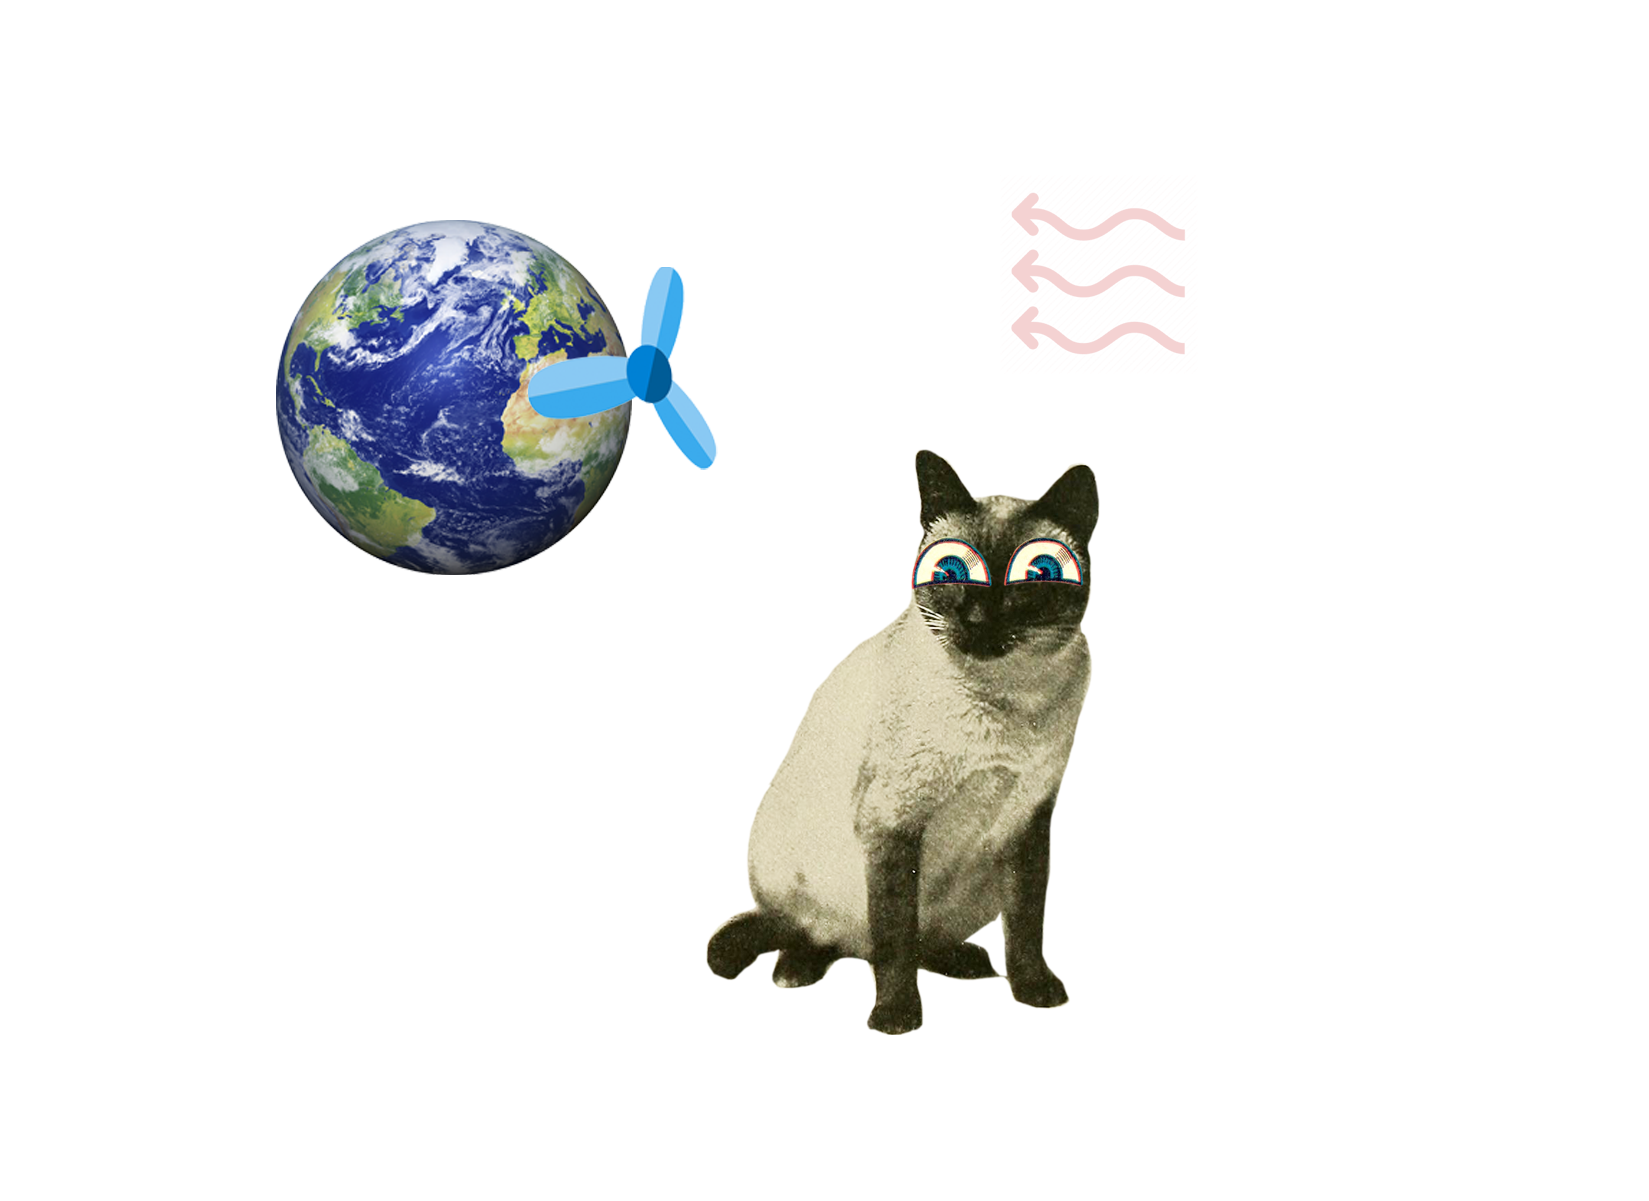 Energi för framtiden - bild på katt